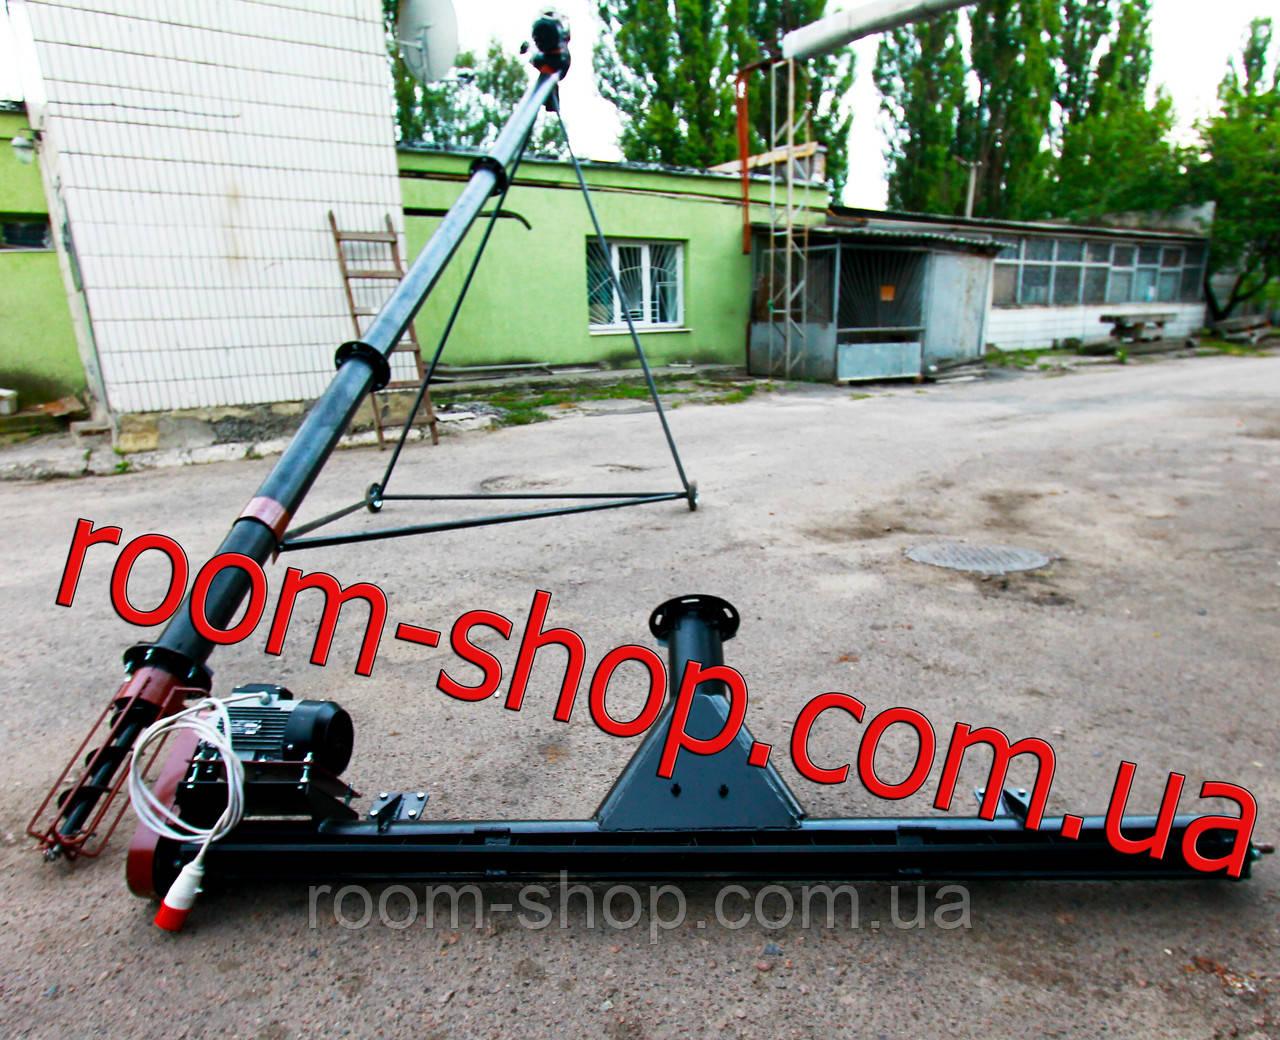 Шнековый погрузчик (транспортер) с подборщиком (підберачем) диаметр 110 мм на 2 метра